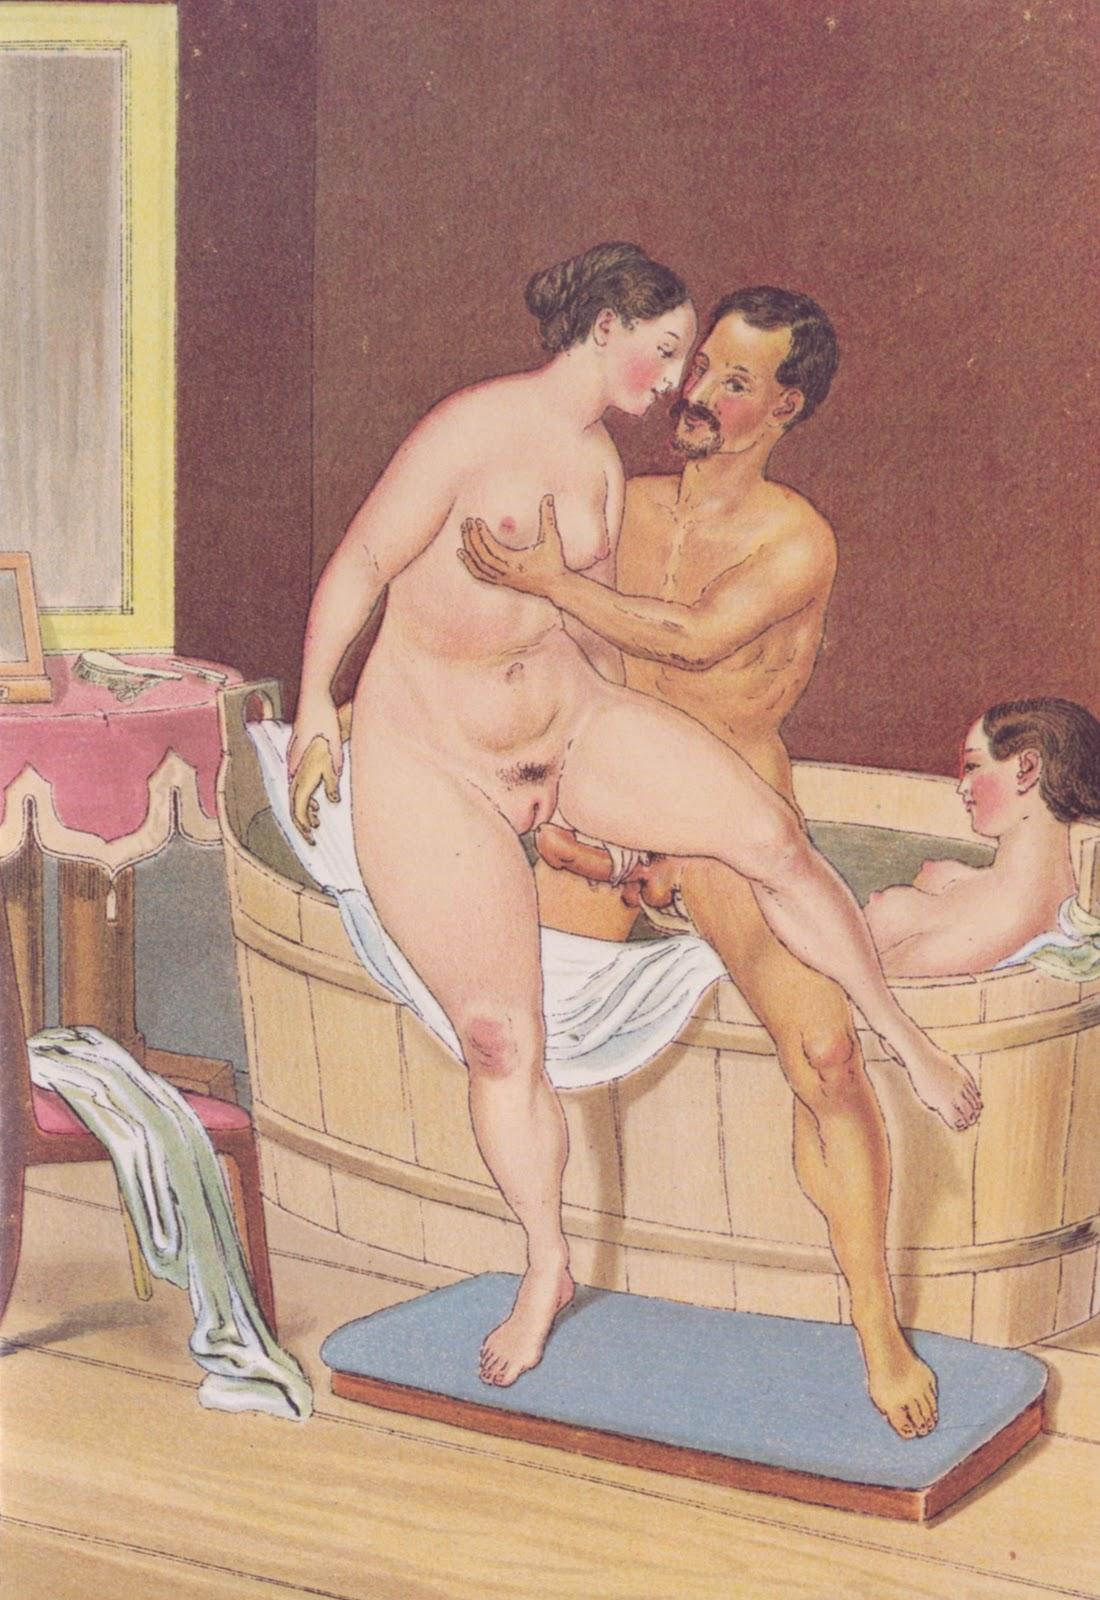 polovoy-akt-seks-rasskazi